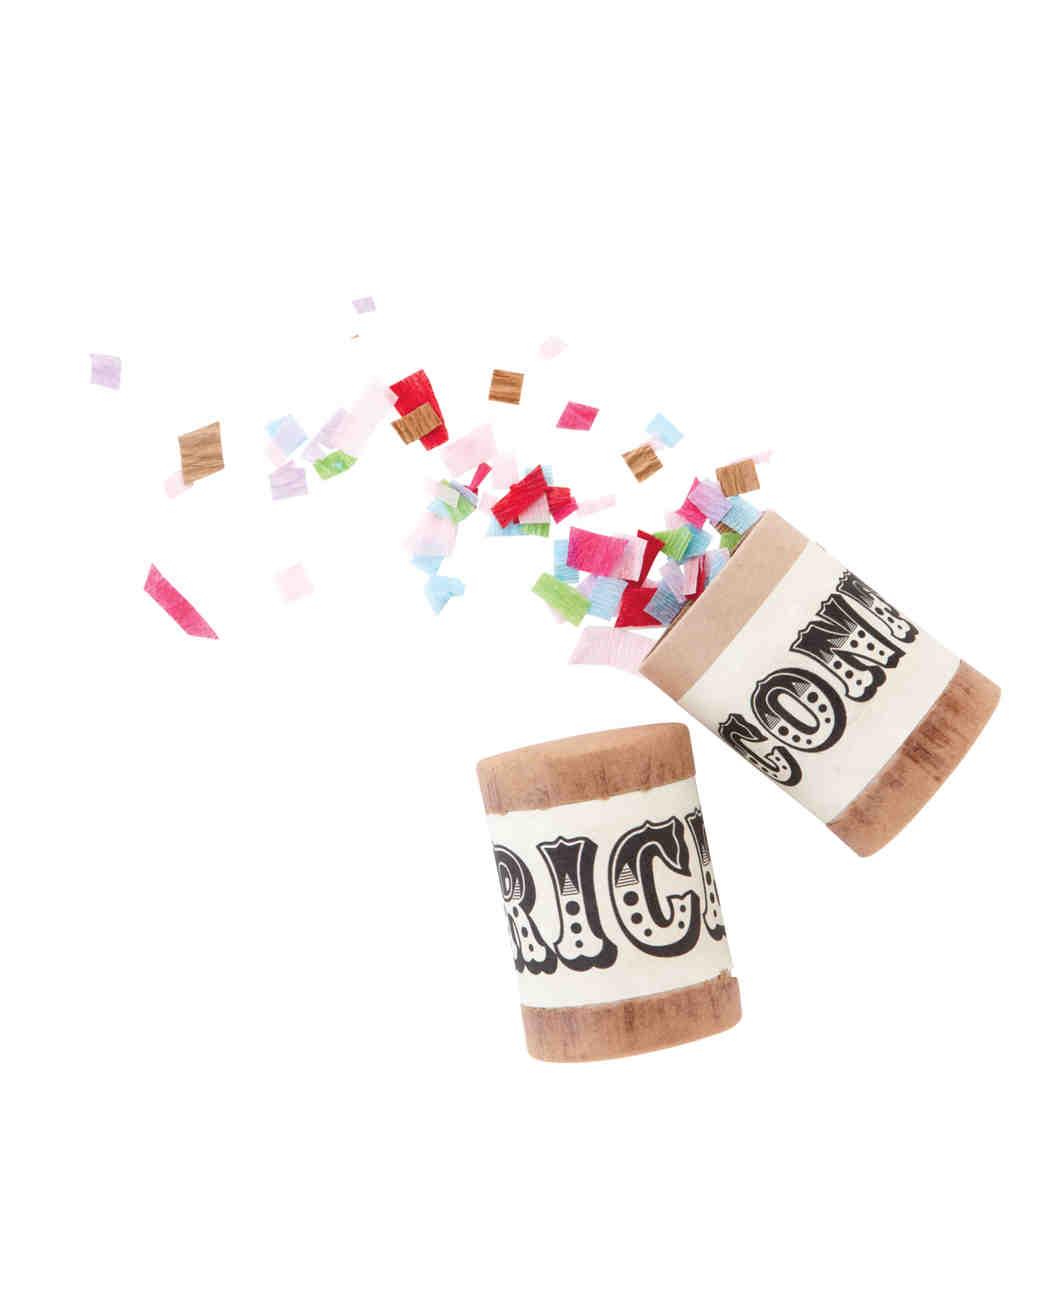 confetti-mwd107931.jpg